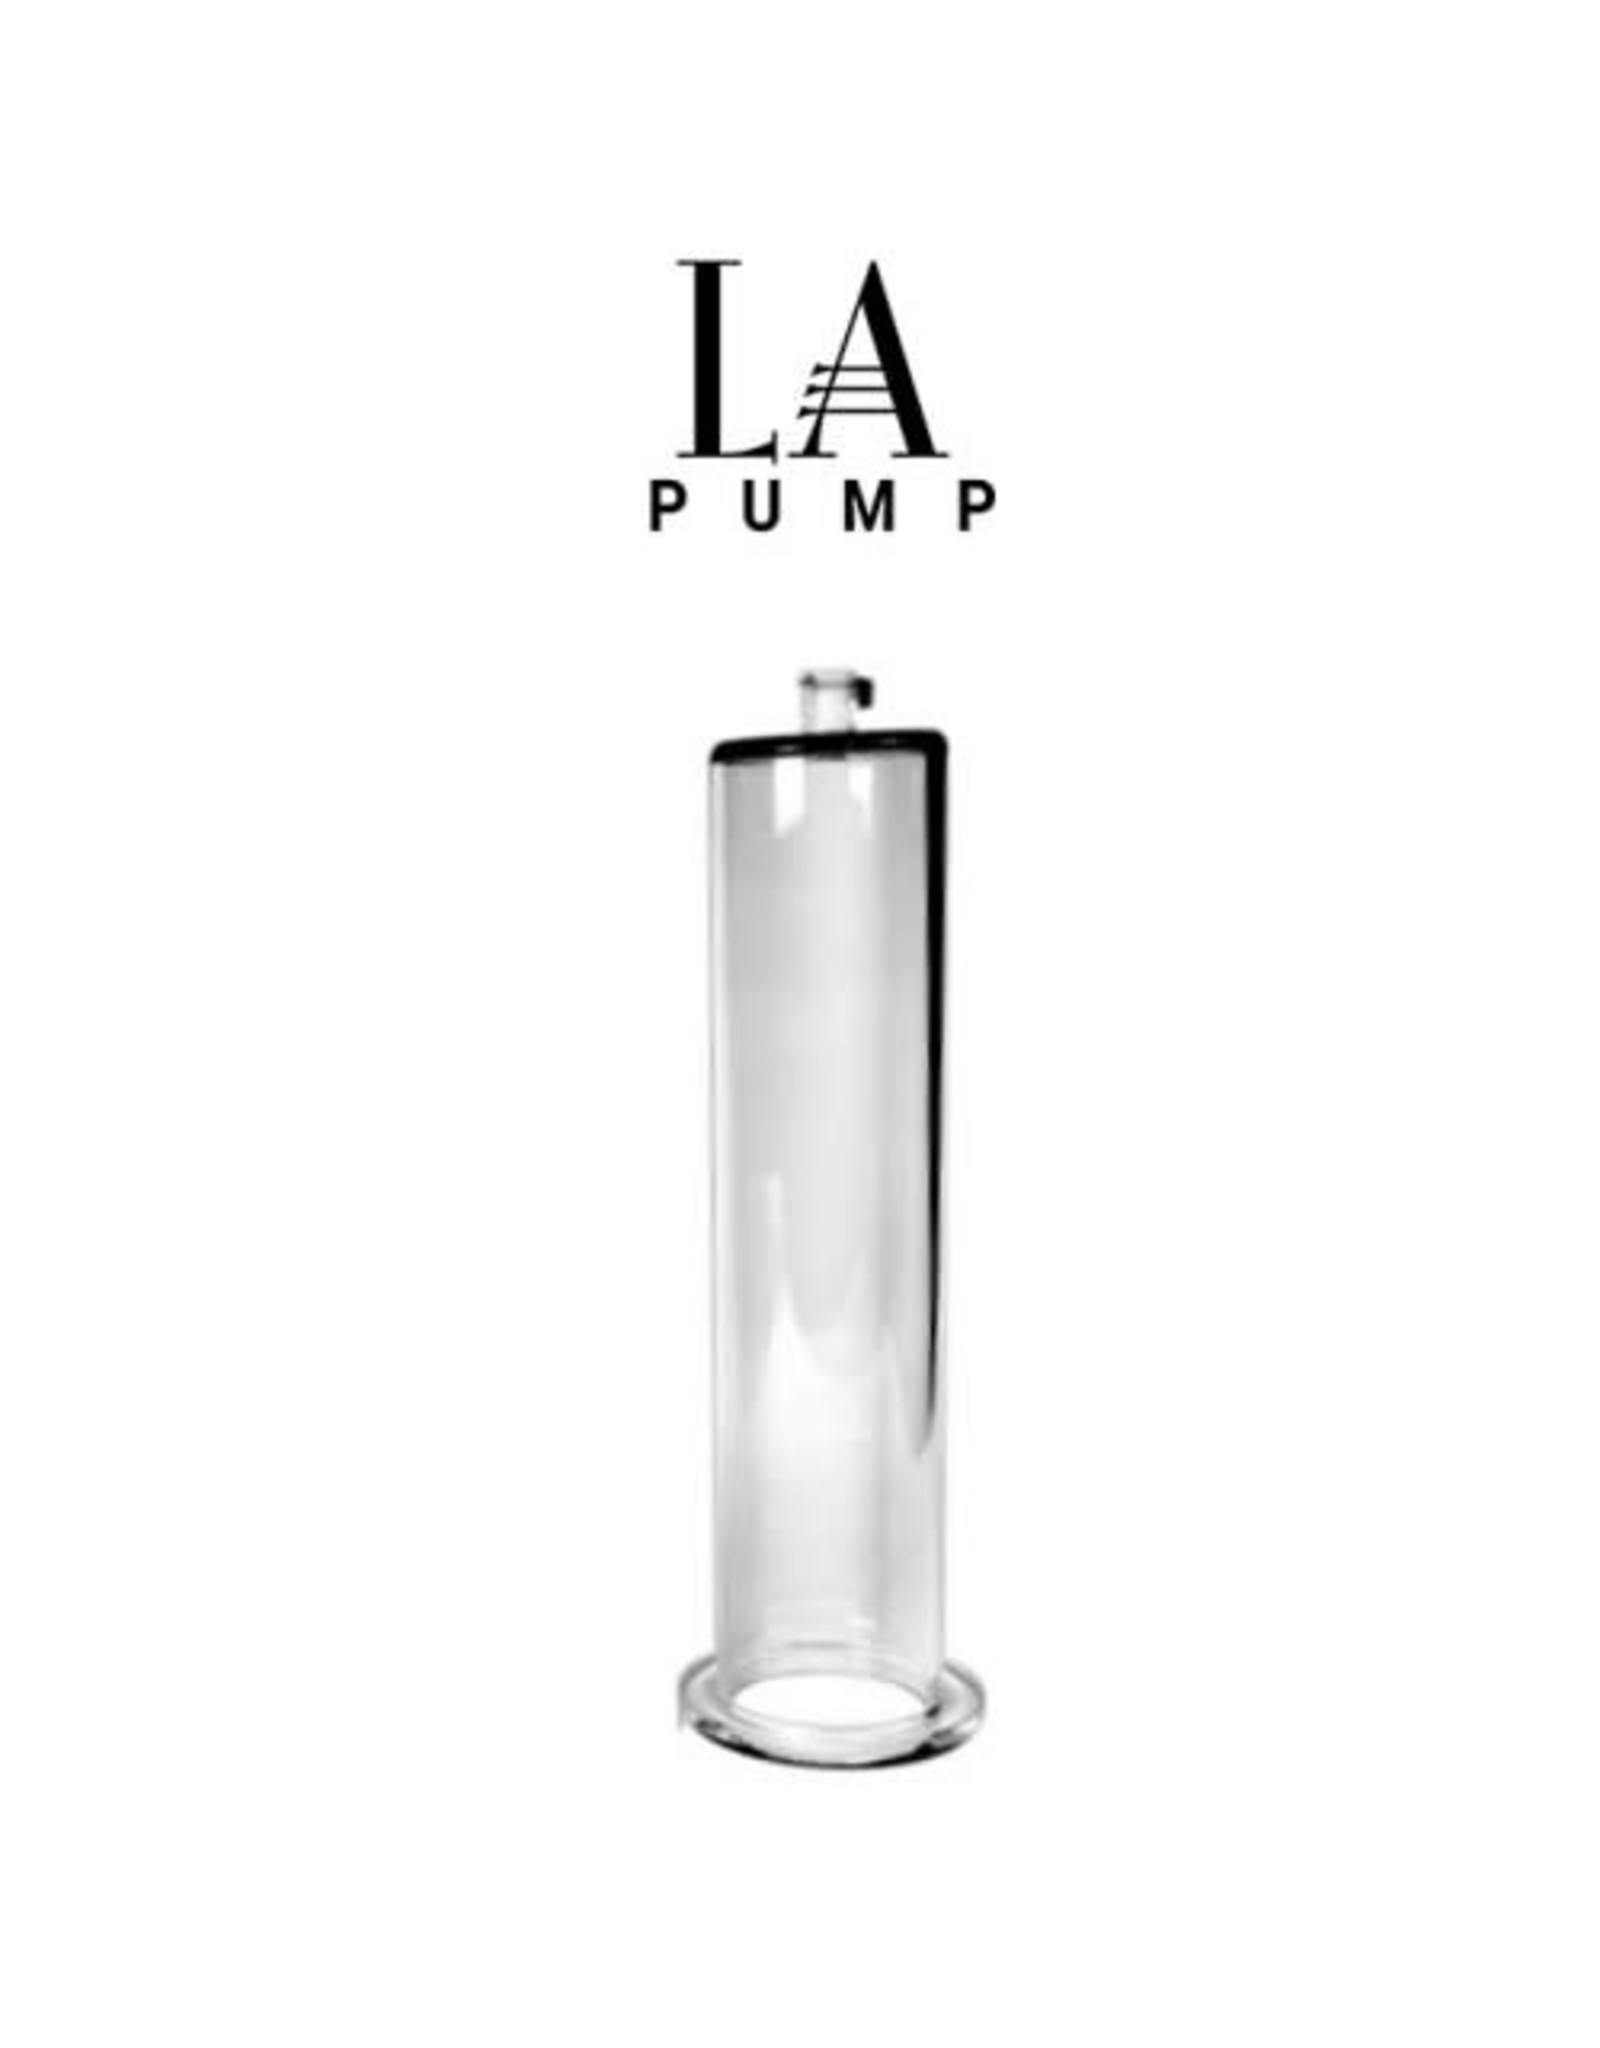 LA Pump LA Pump Pumping Cylinder 2.75 X 12''